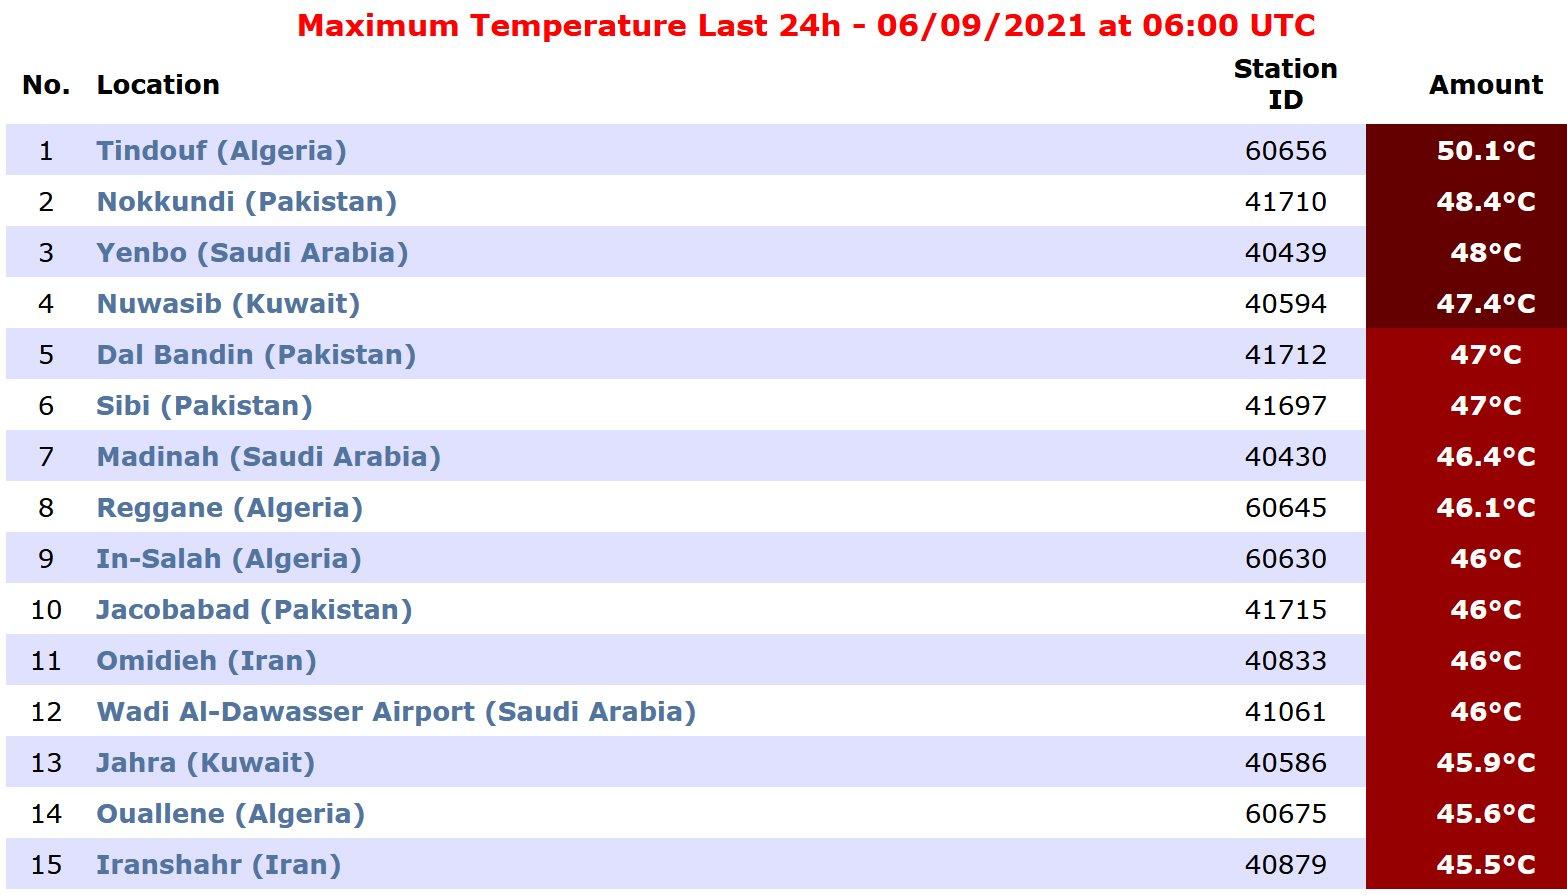 قائمة بأعلى درجات الحرارة في العالم خلال الـ24 ساعة الماضية